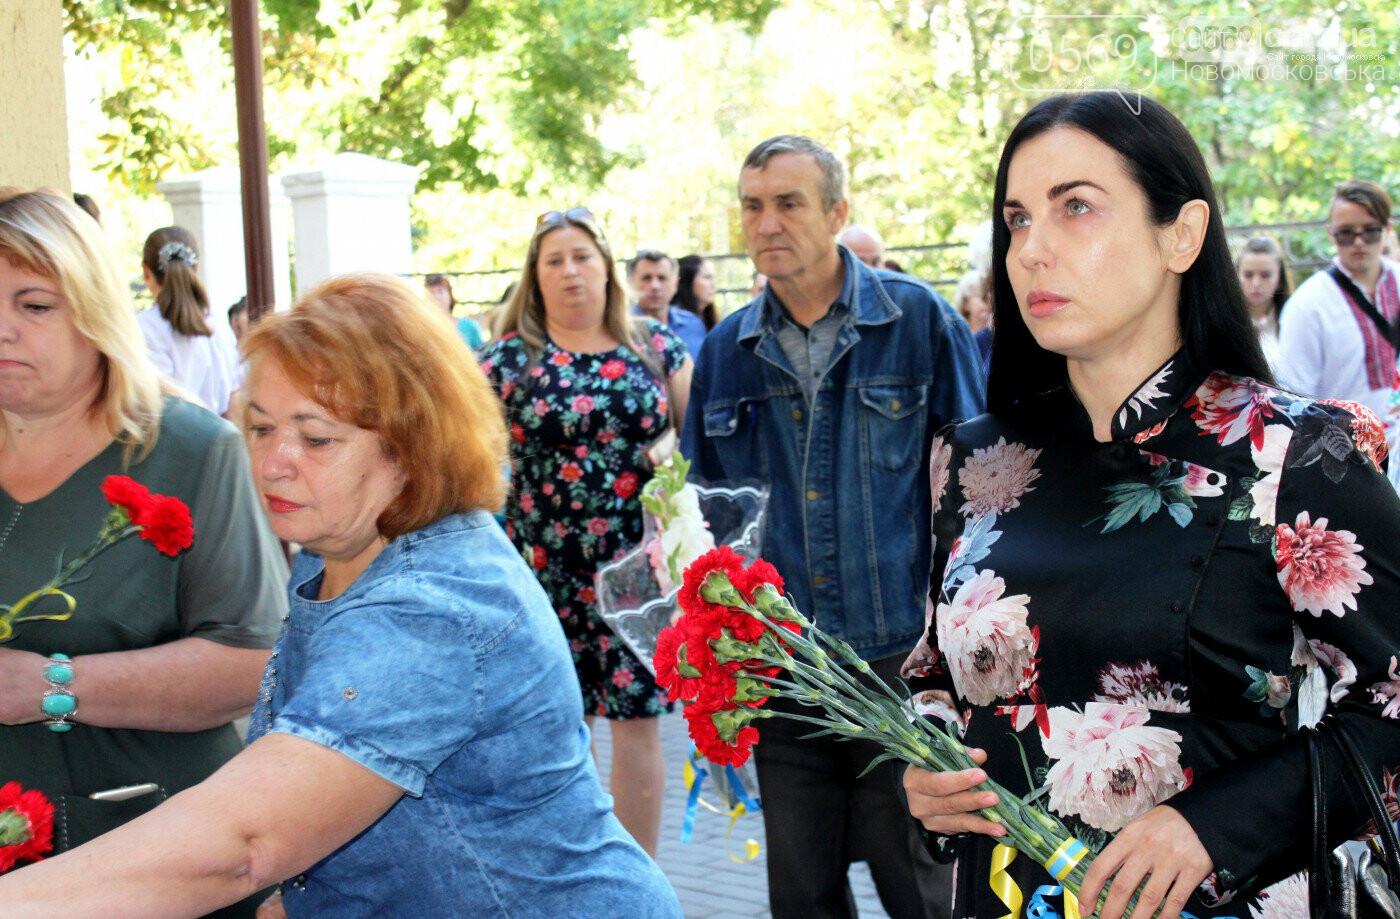 У Новомосковську згадують воїна-Героя: рівно 5 років тому загинув в АТО Максим Гребенюк, фото-2